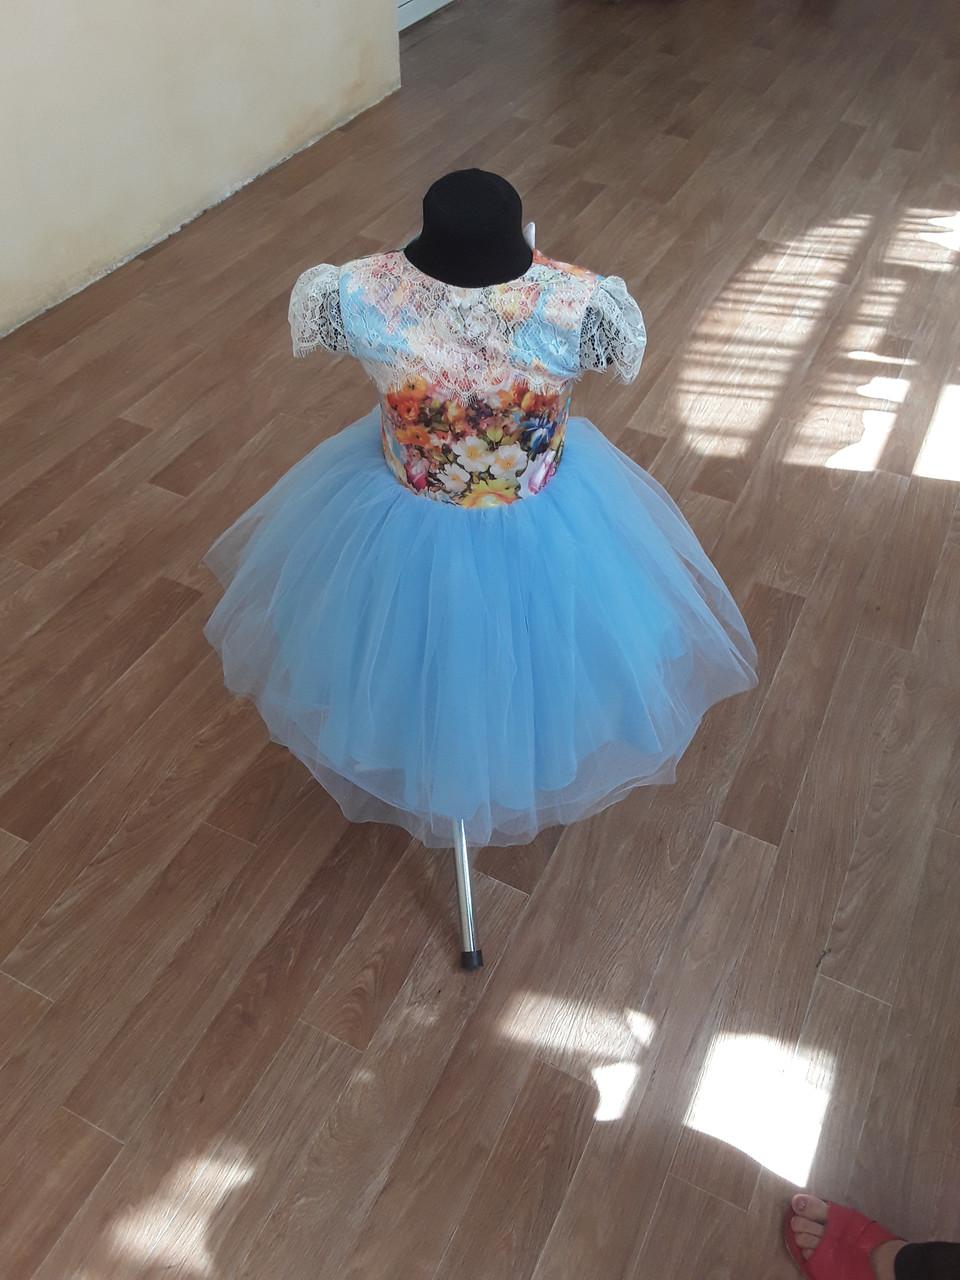 Детское платье - кружево шаньтильи, любой размер.